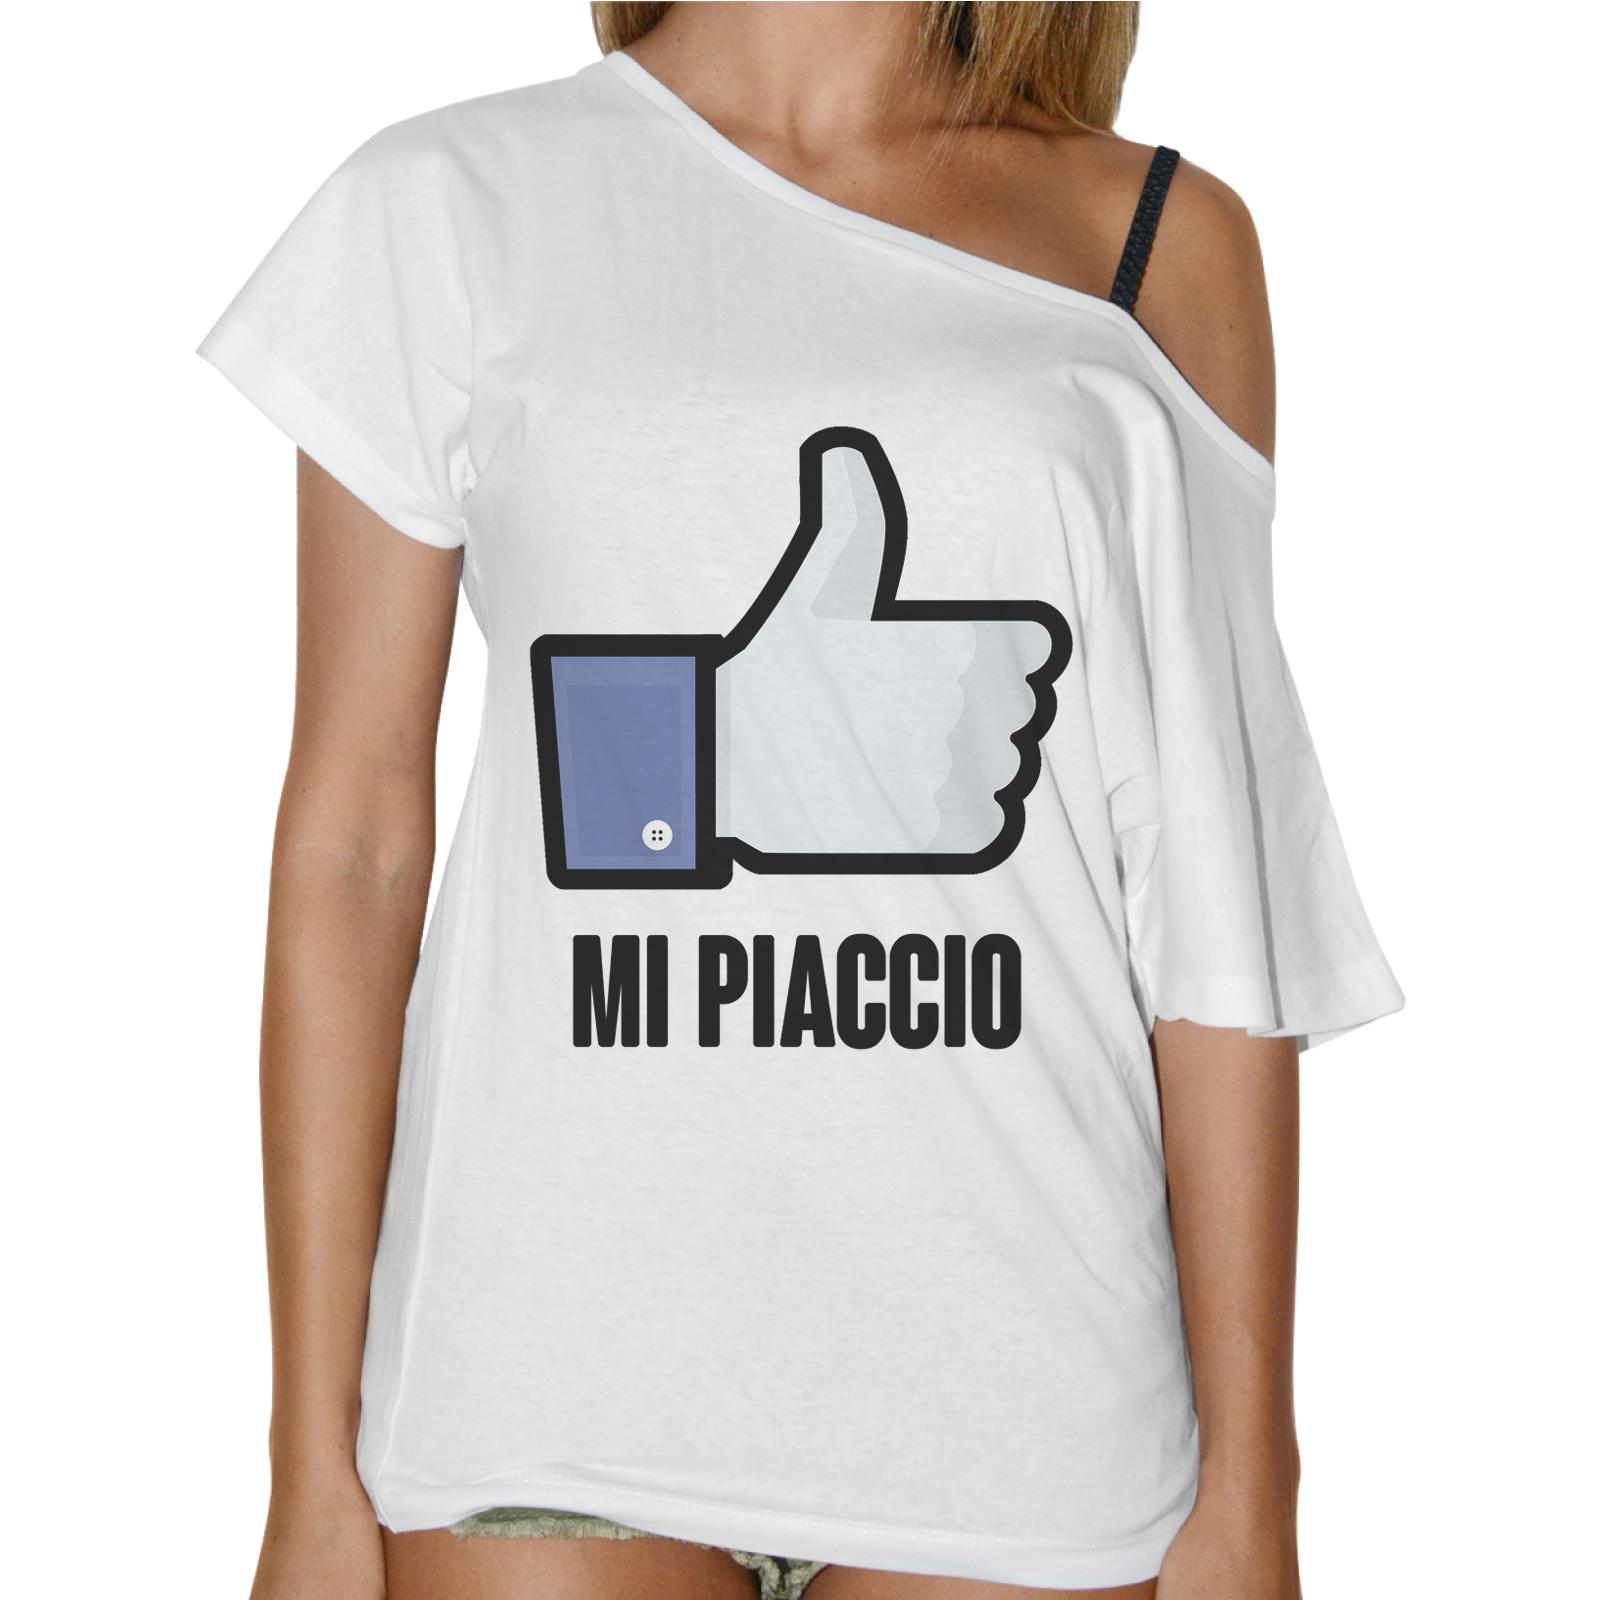 T-Shirt Donna Collo Barca MI PIACCIO